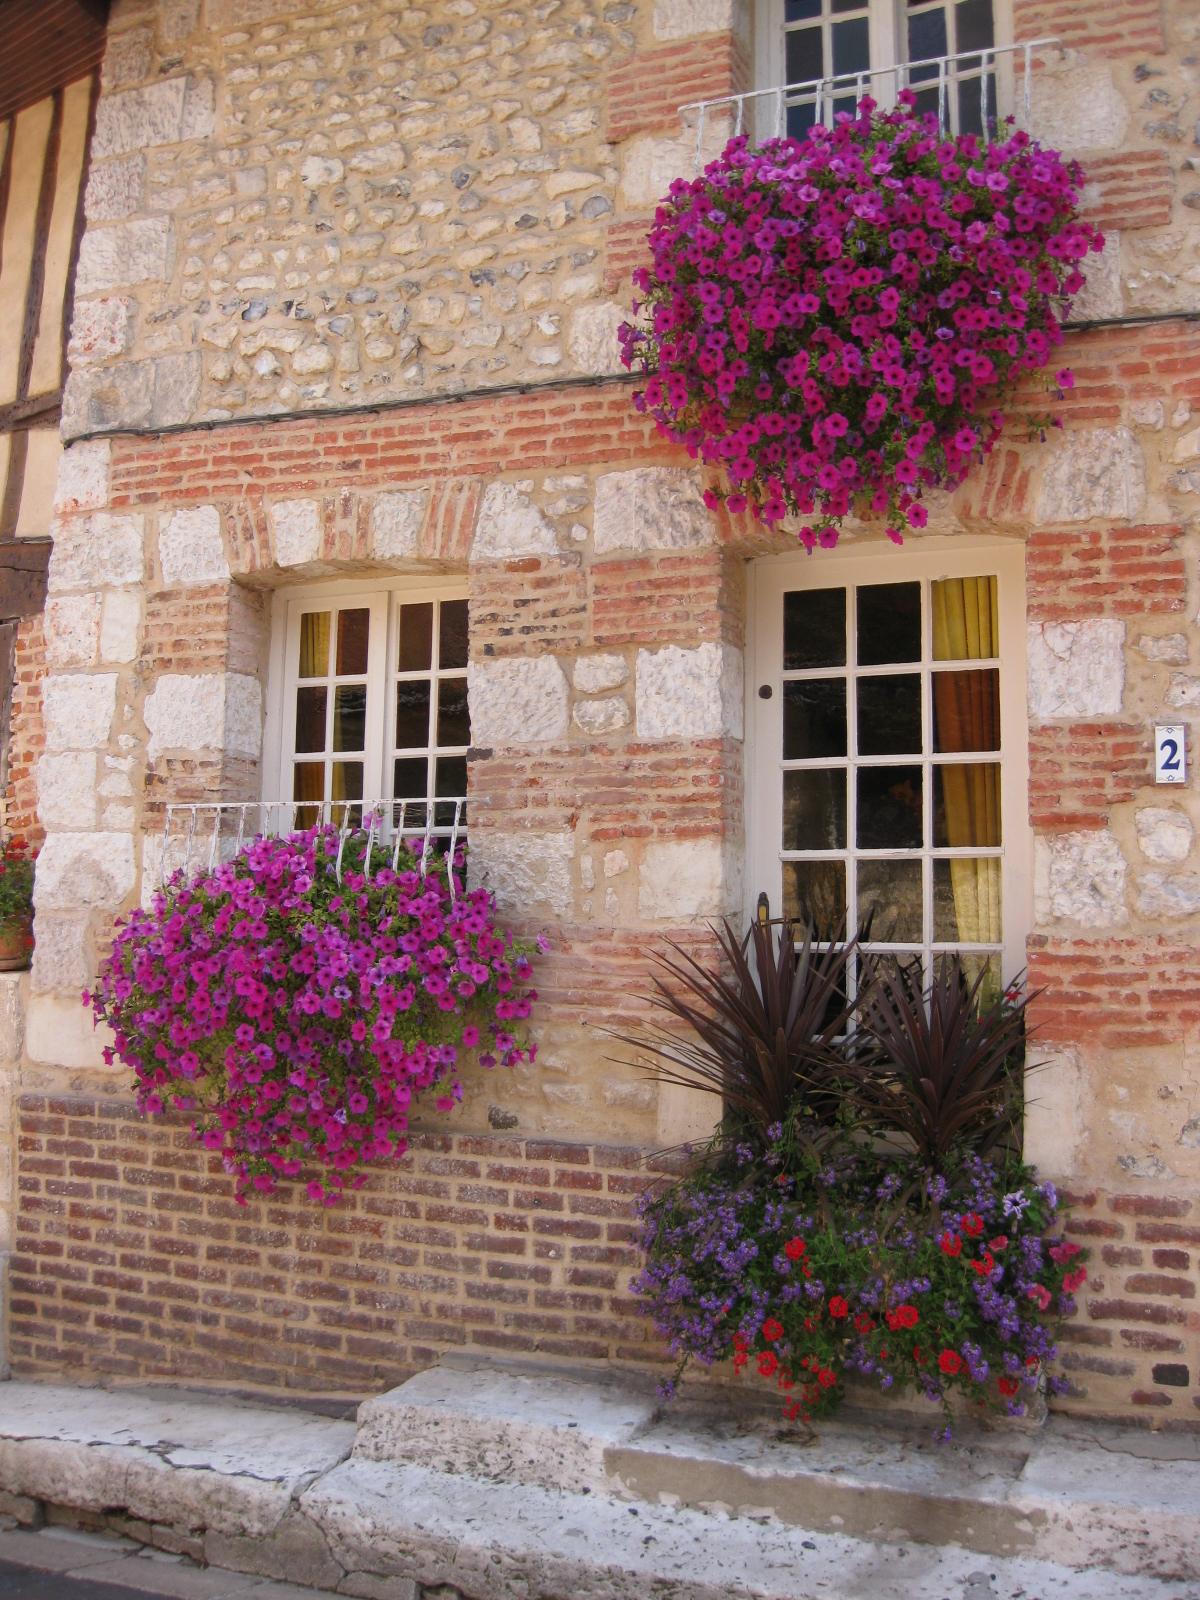 Défi N 186 Une Fenêtre Fleurie Mille Defis